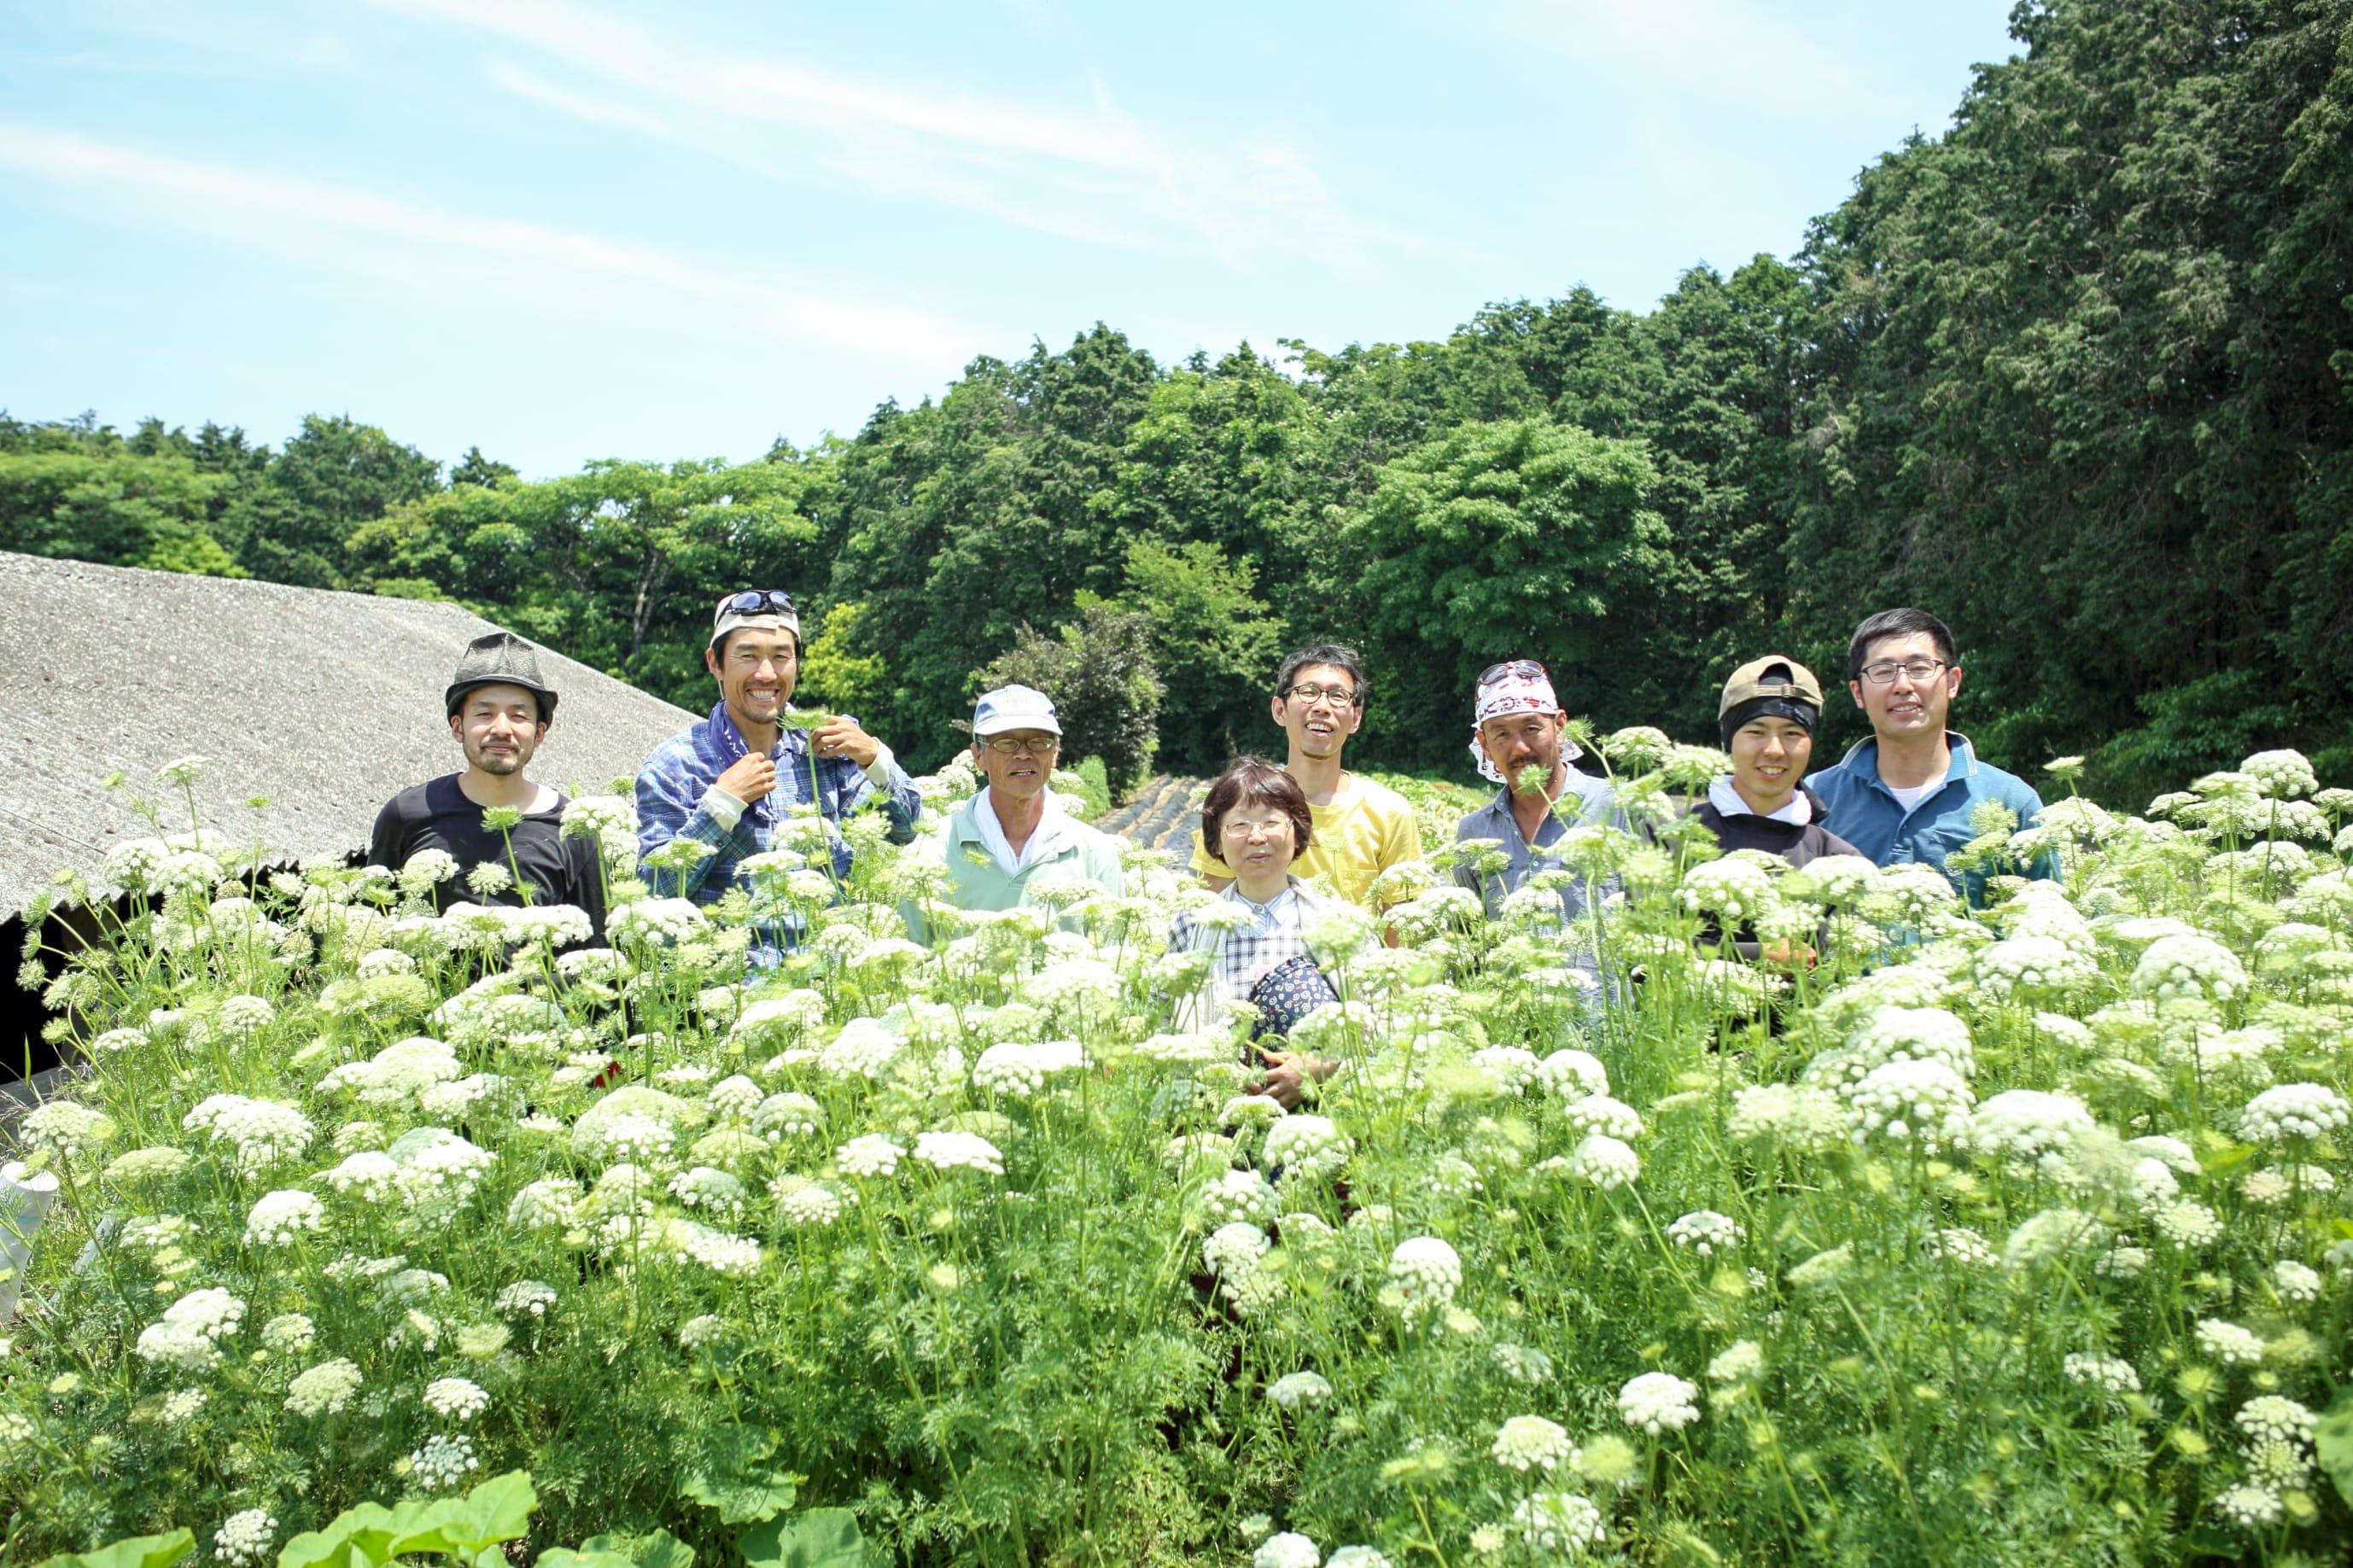 長崎県内に住む若手農家が集まり始まった「雲仙 たねをあやす会」のメンバーたち。世話人である奥津さん(右から2番目)は、「1人の農家が守ってきた、その景色を僕らで中継ぎしていけたら」と語る。(写真:繁延あづさ)